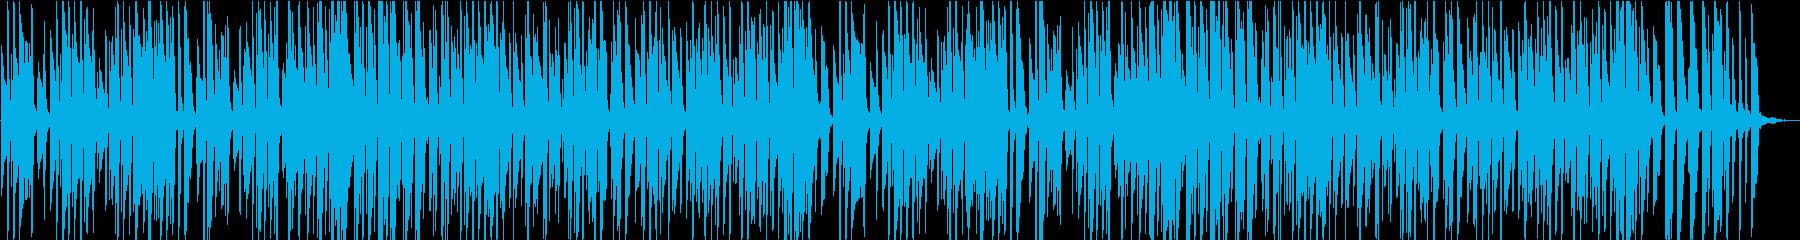 ほのぼのとしたリズムのピアノ楽曲の再生済みの波形